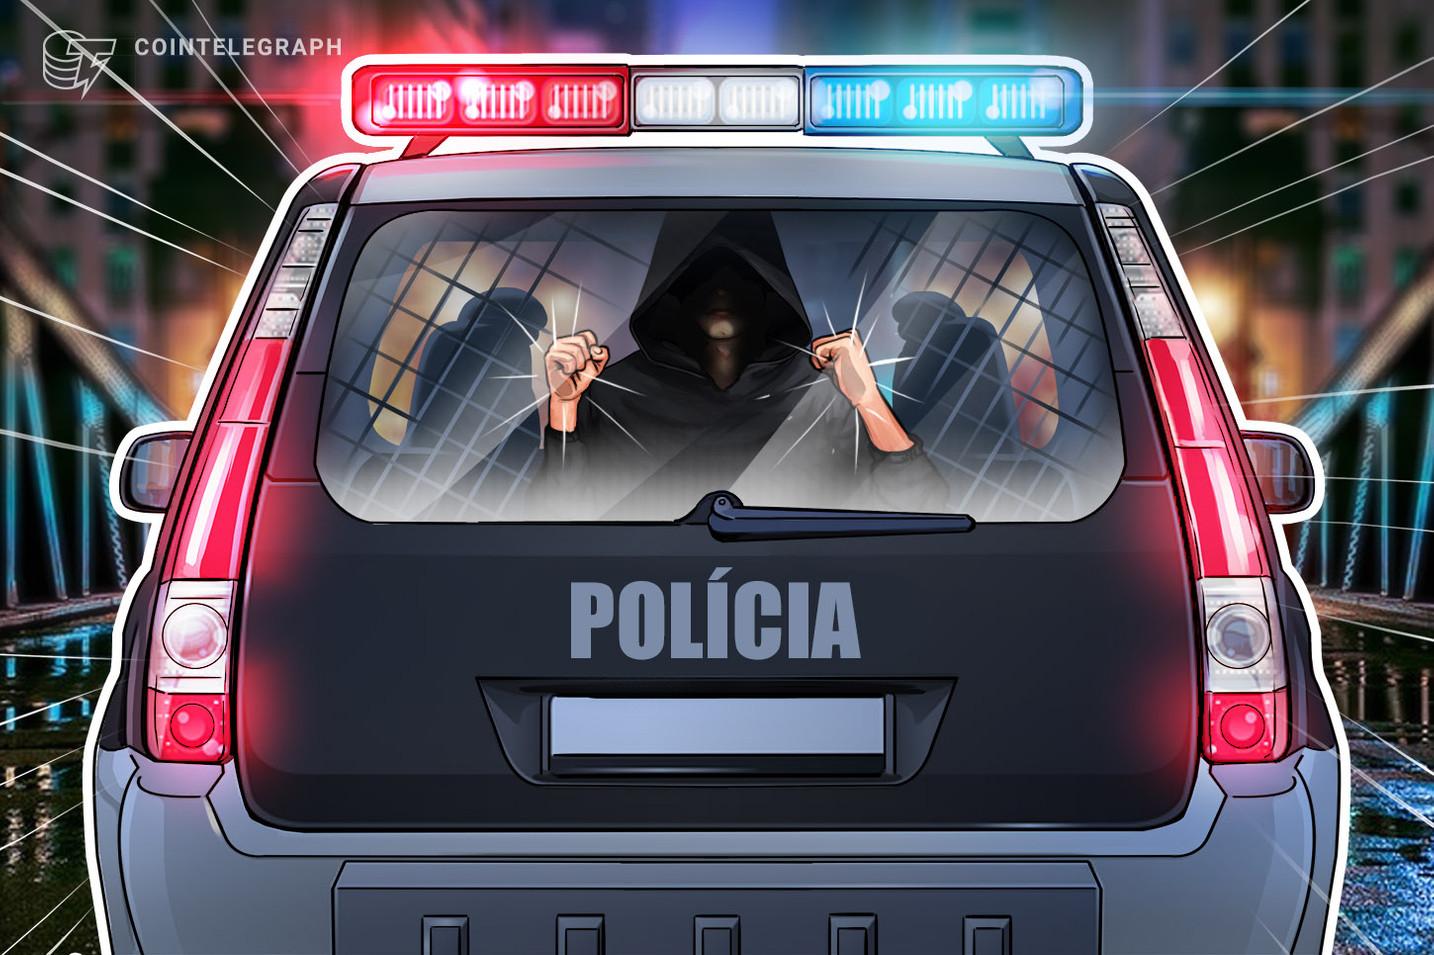 Polícia do interior paulista investiga suposto golpe da Dreams Digger na região; casal de empresários perdeu R$ 46.000